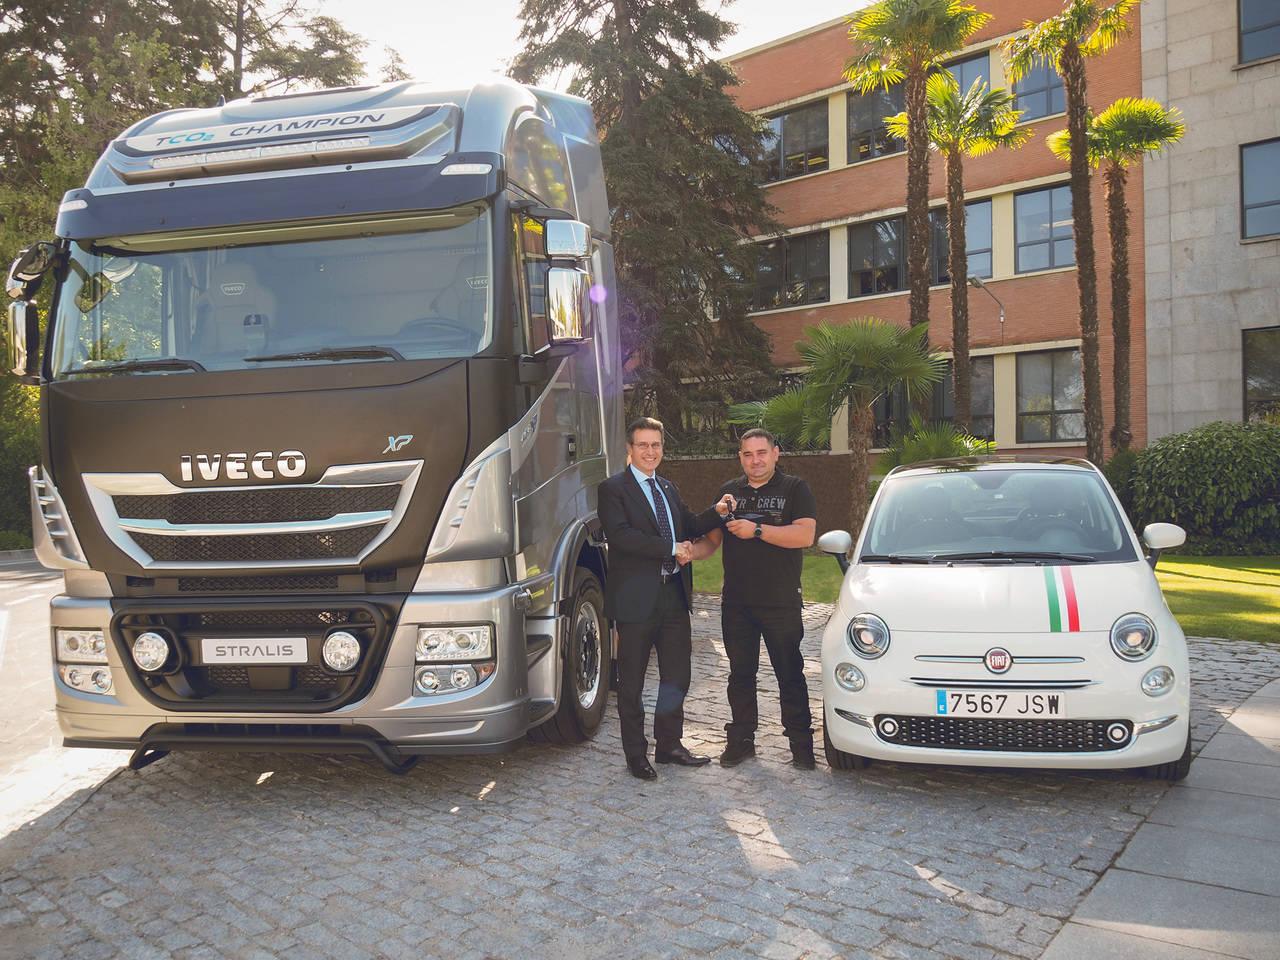 El ganador del 'Desafío TCO' de Iveco recoge su premio, un Fiat 500